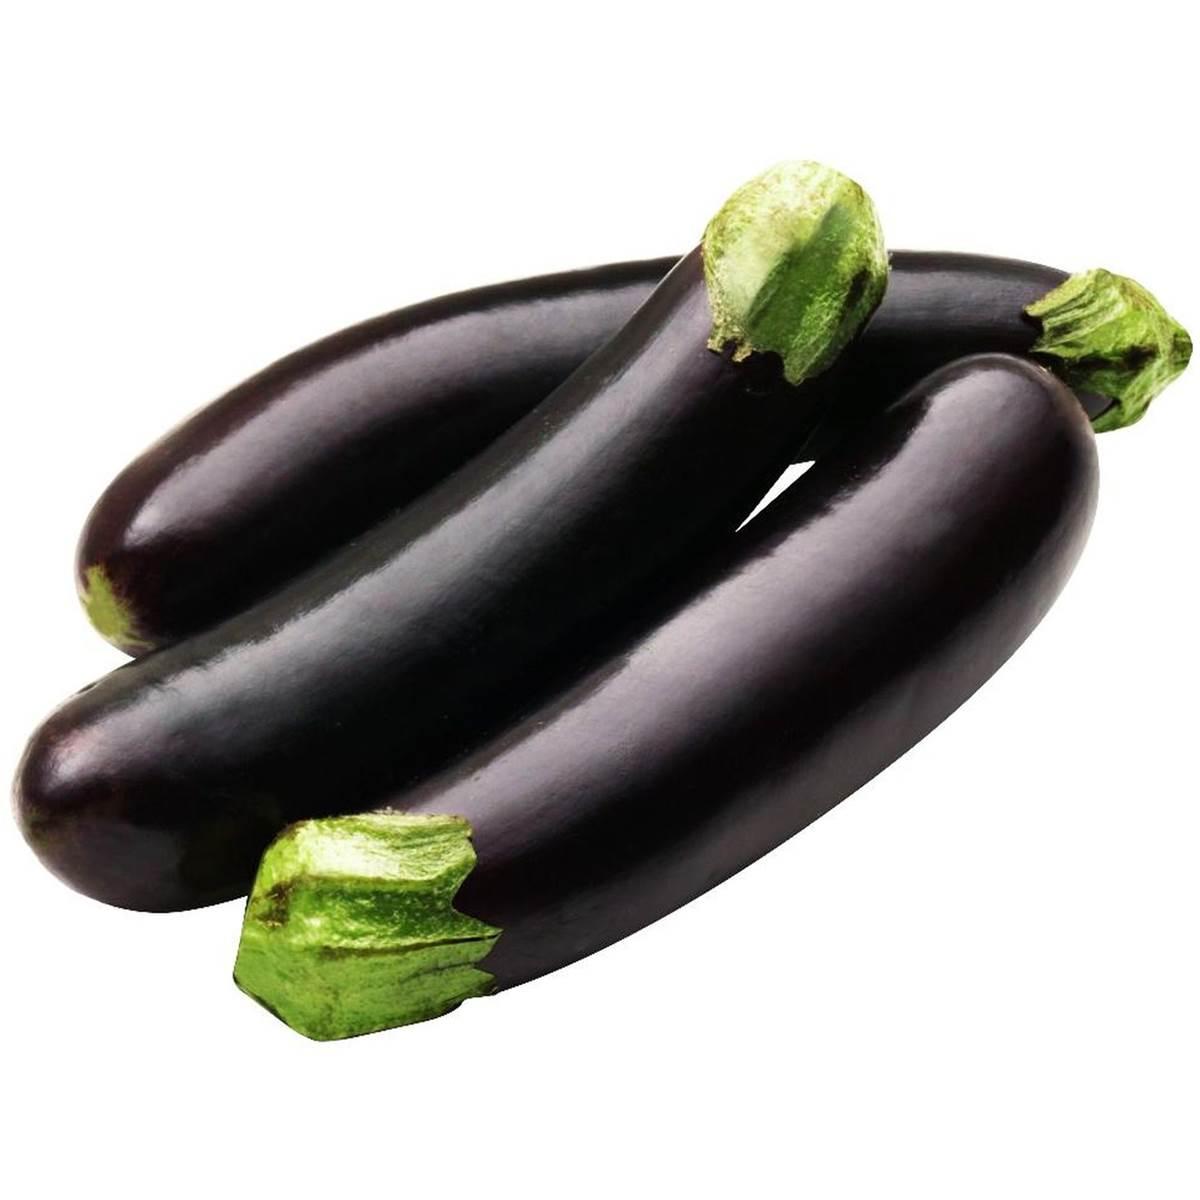 Eggplant Lebanese